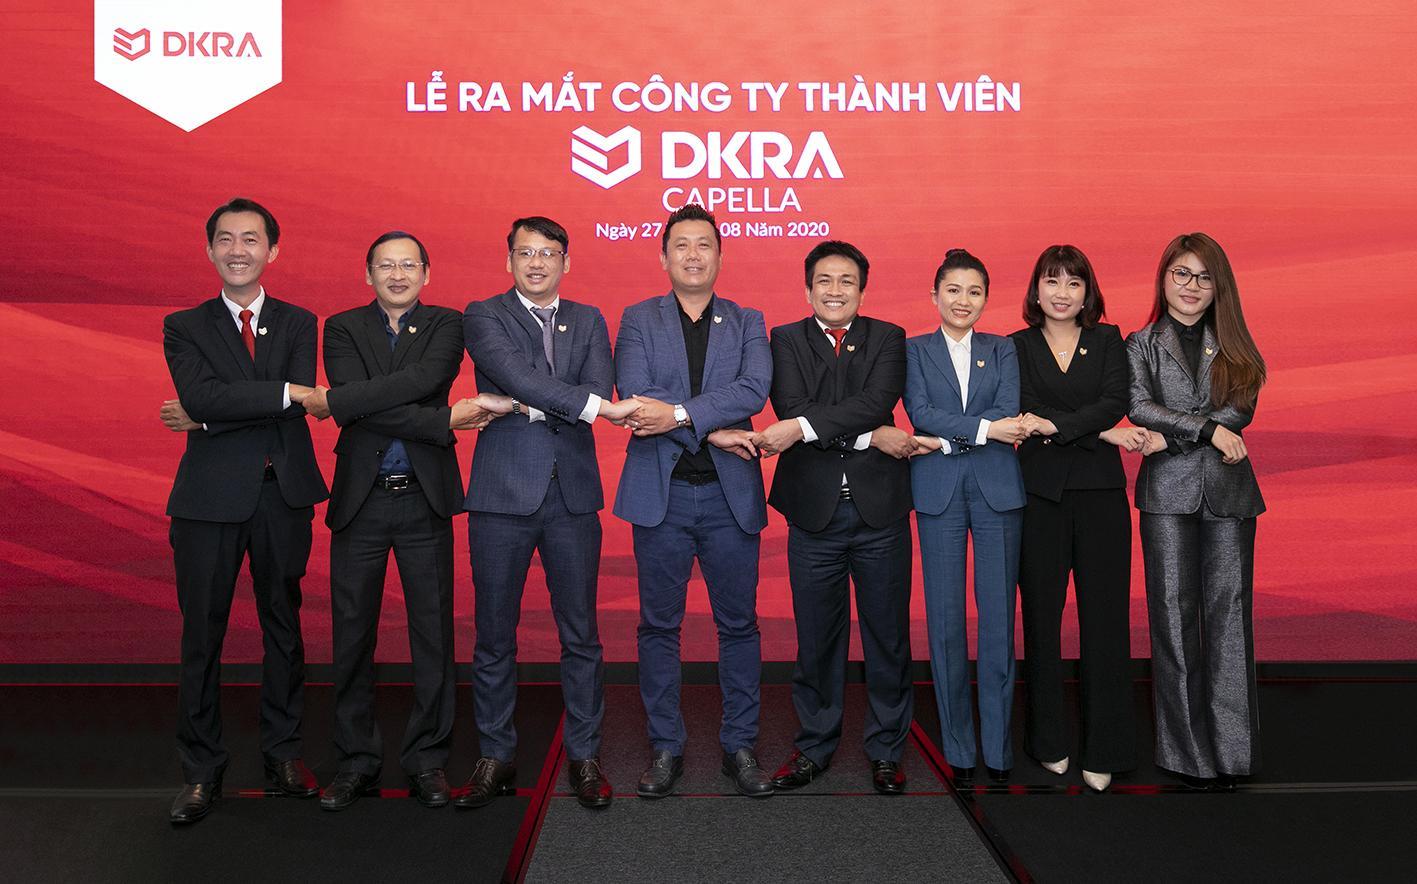 DKRA Vietnam ra mắt thương hiệu DKRA Capella